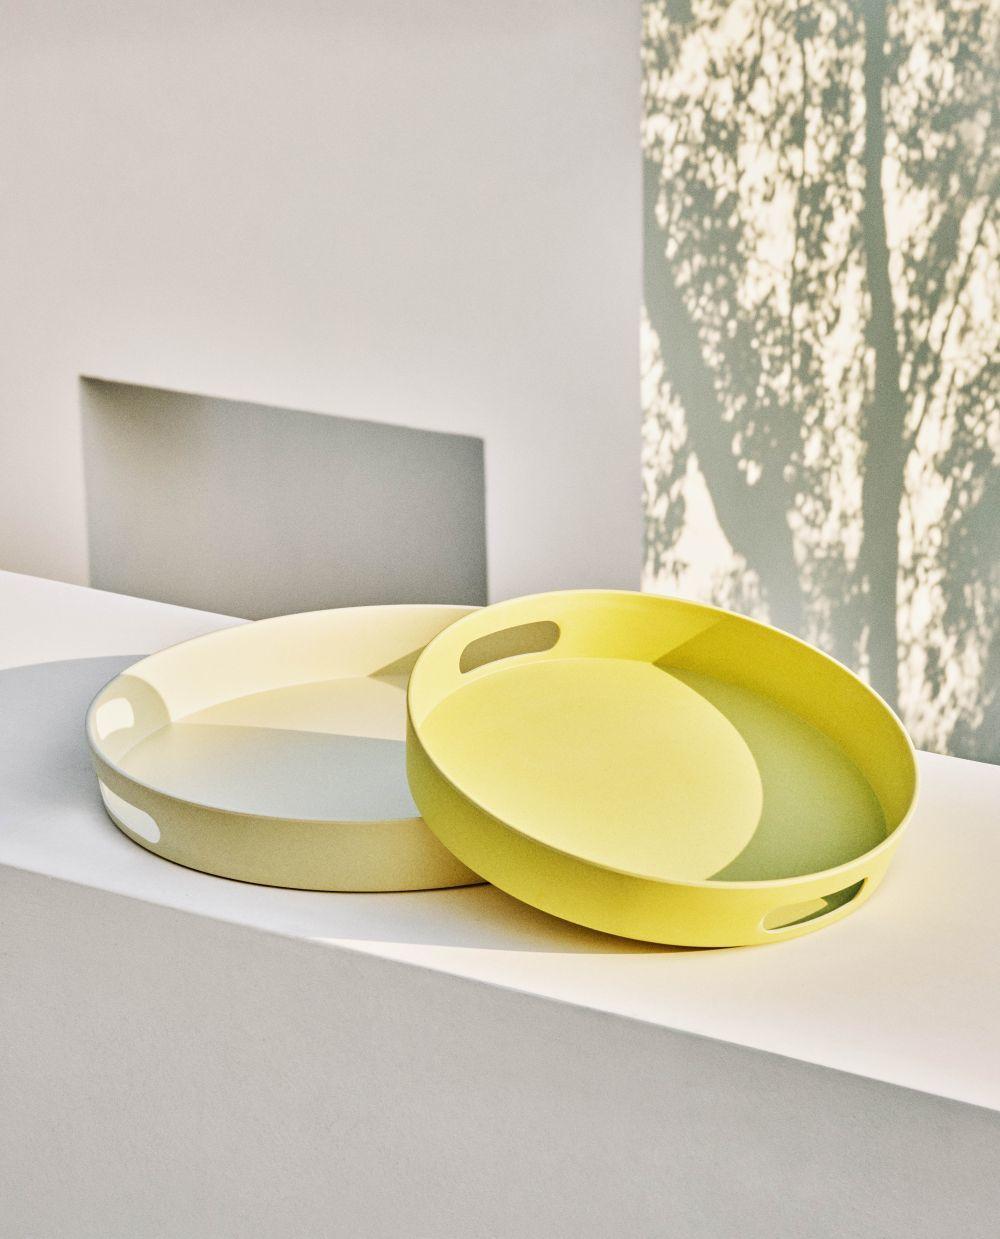 Bandeja color crema(19,99¤) y bandeja de color amarilla(15,99)